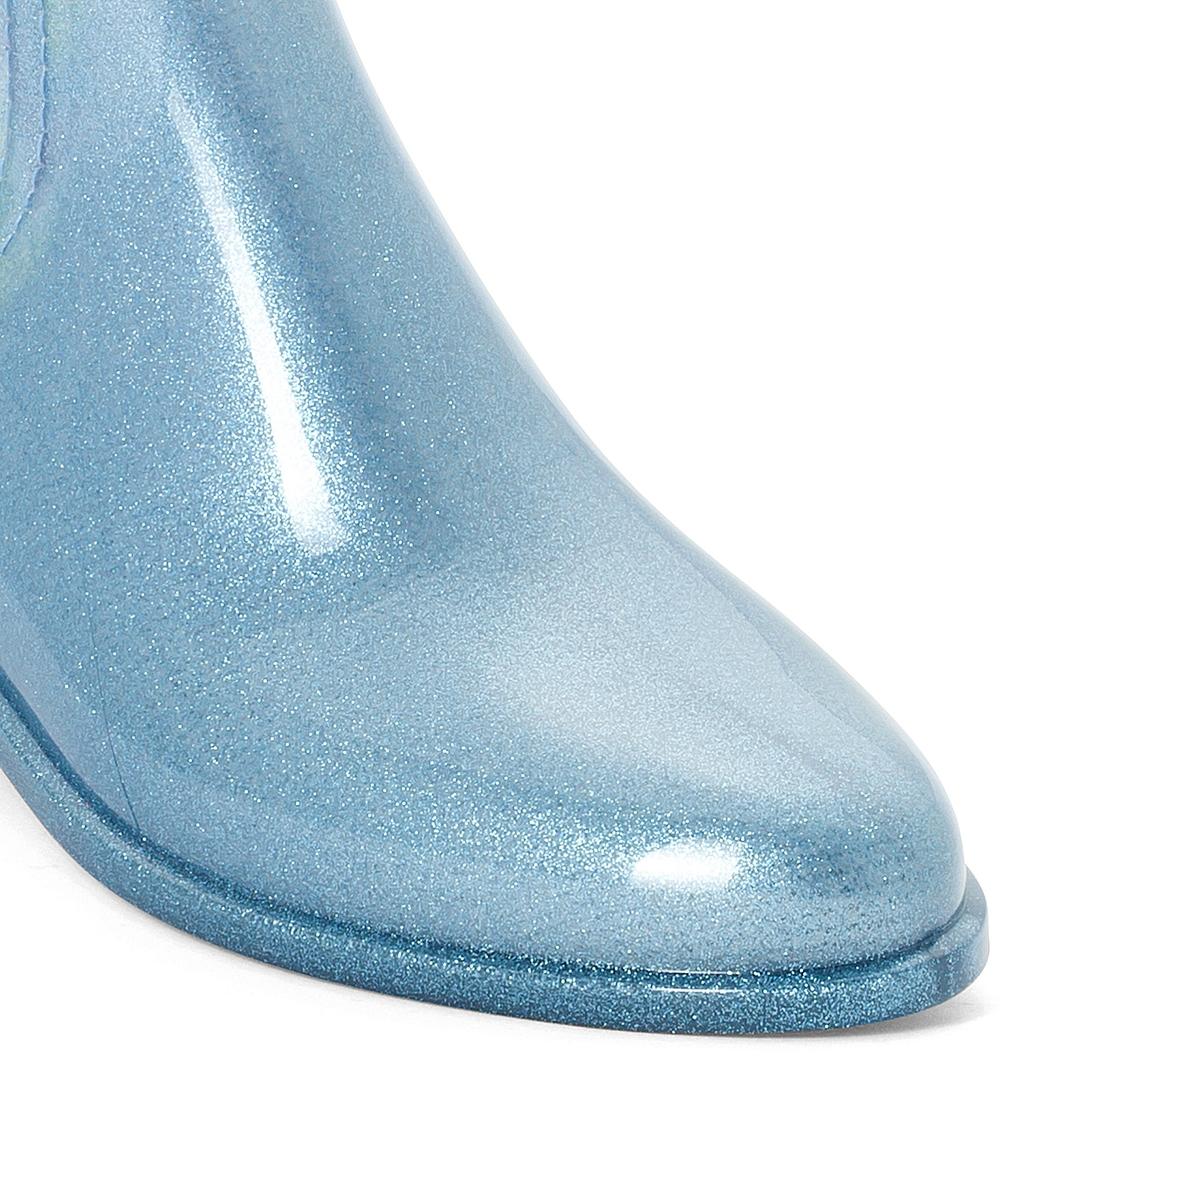 Сапоги резиновые HarperВерх : каучук   Подкладка : полиамид   Стелька : синтетика   Подошва : каучук   Высота каблука : 2 см   Форма каблука : плоский каблук   Мысок : закругленный мысок   Застежка : без застежки<br><br>Цвет: синий<br>Размер: 36.37